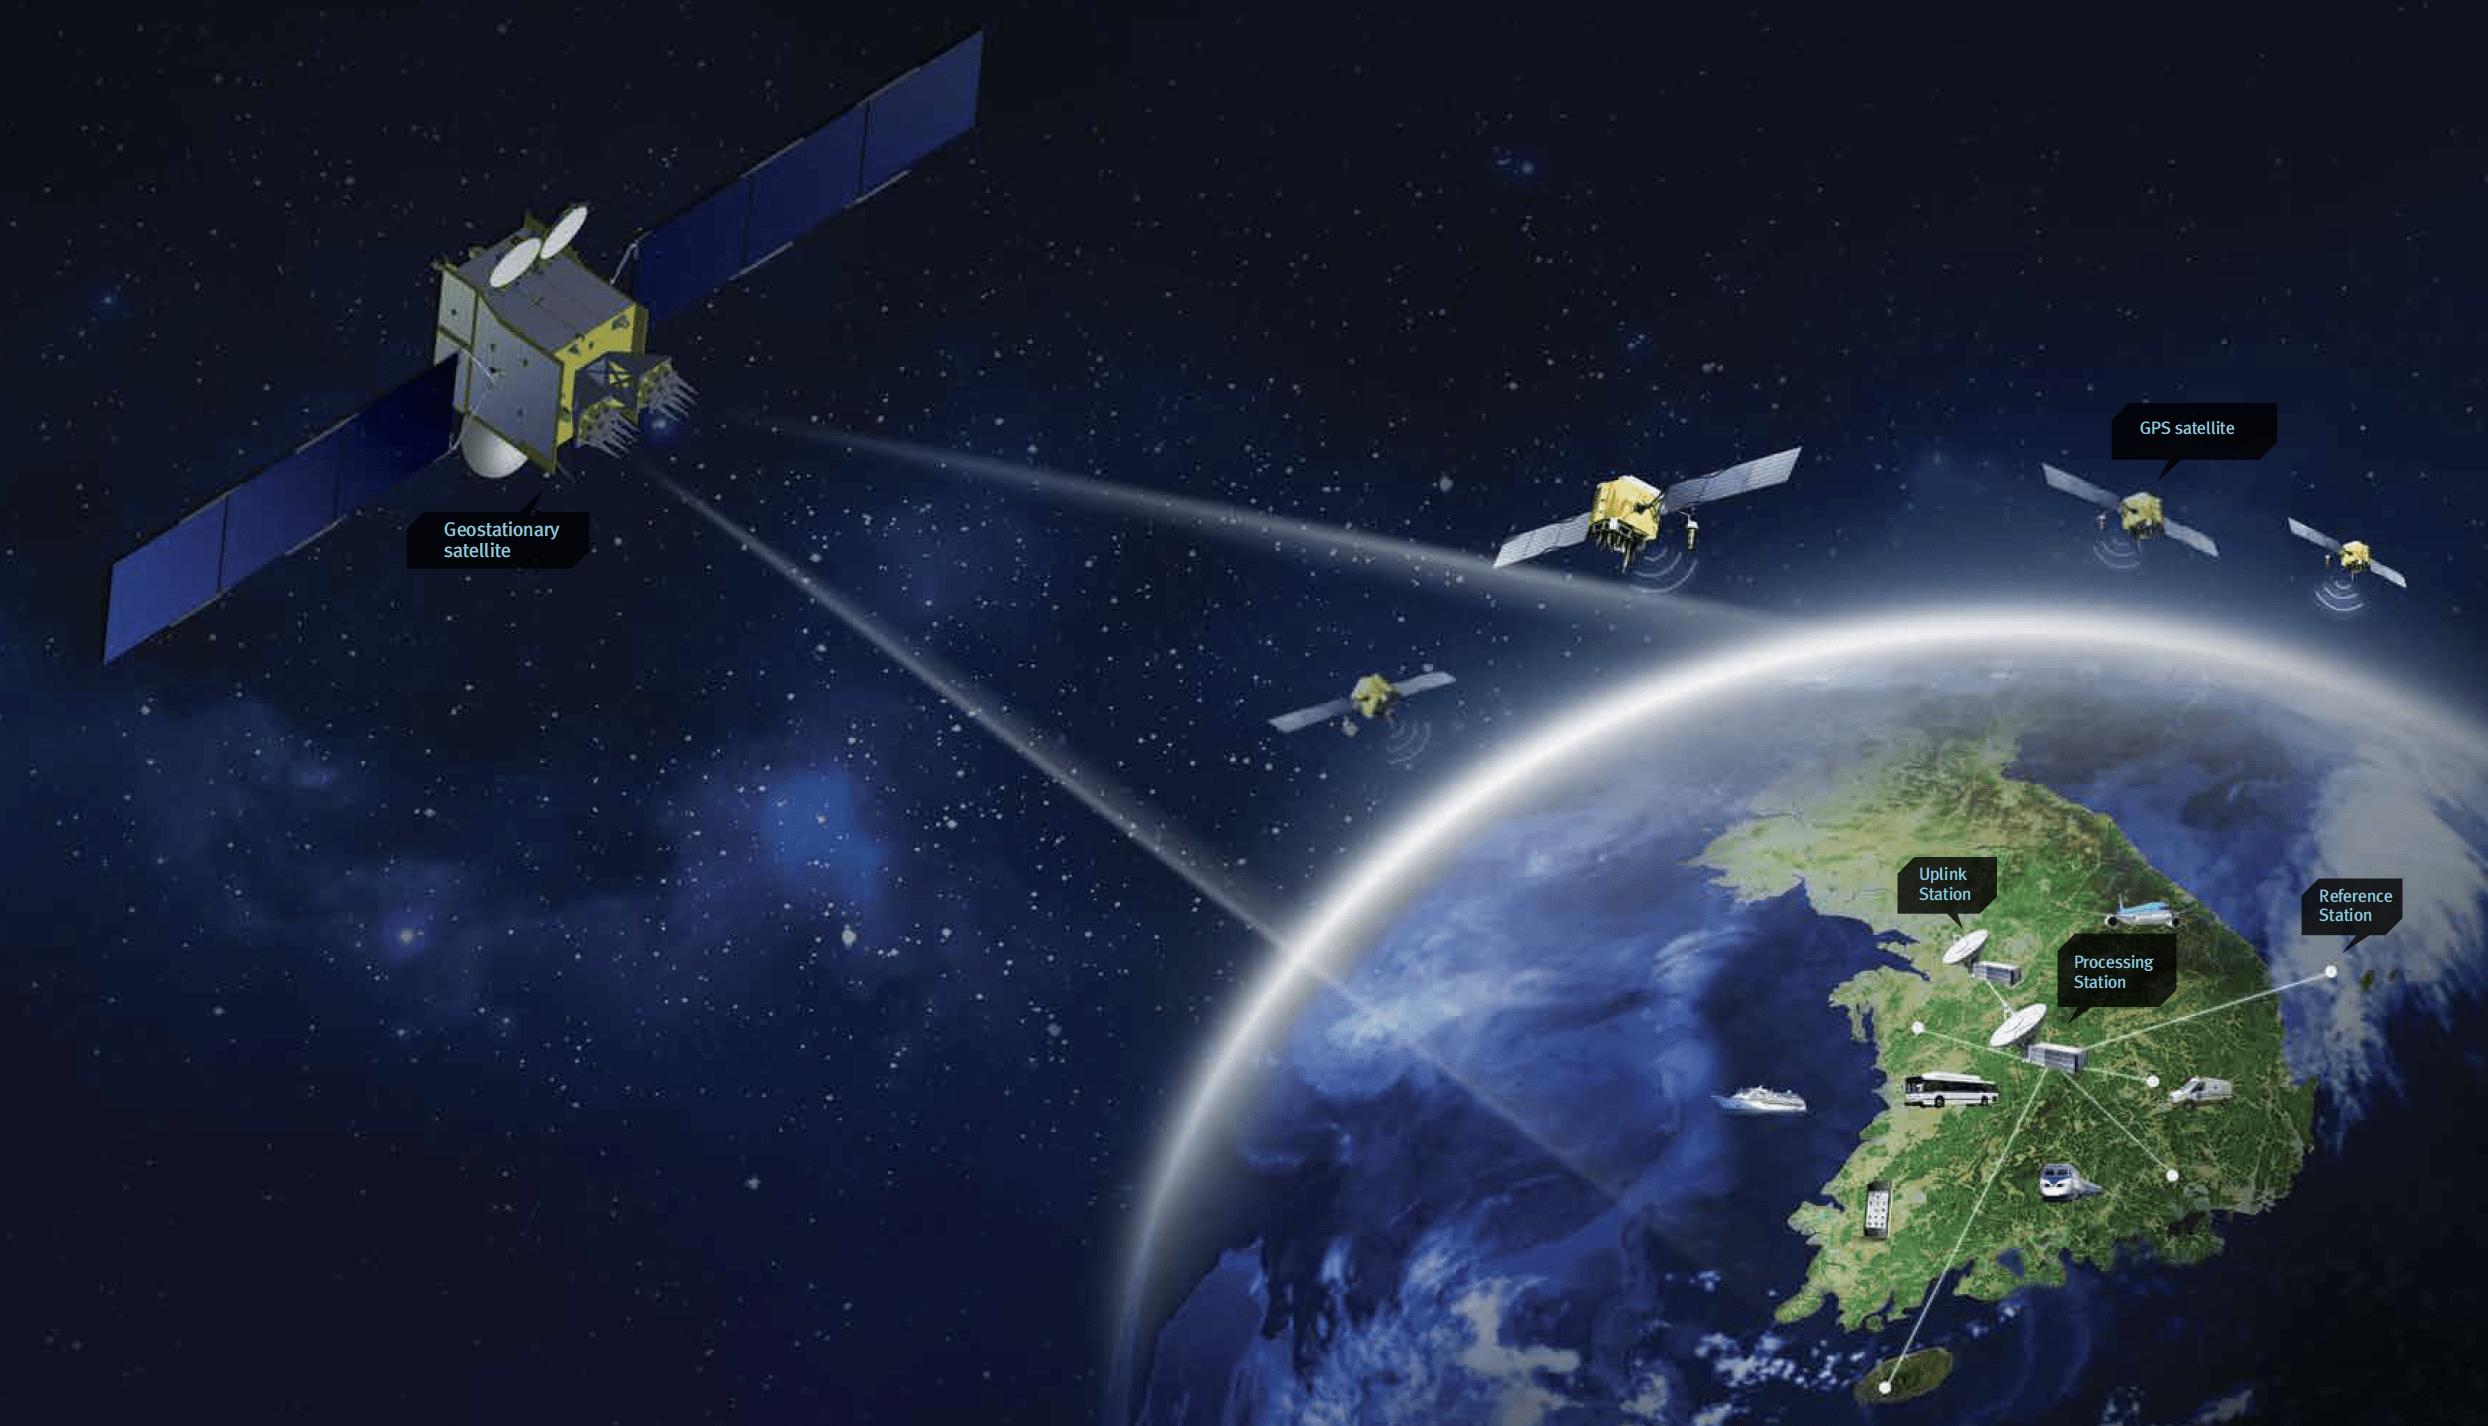 Slide di presentazione della rete di di navigazione proprietaria futura della Corea del Sud. Credits: KARI.